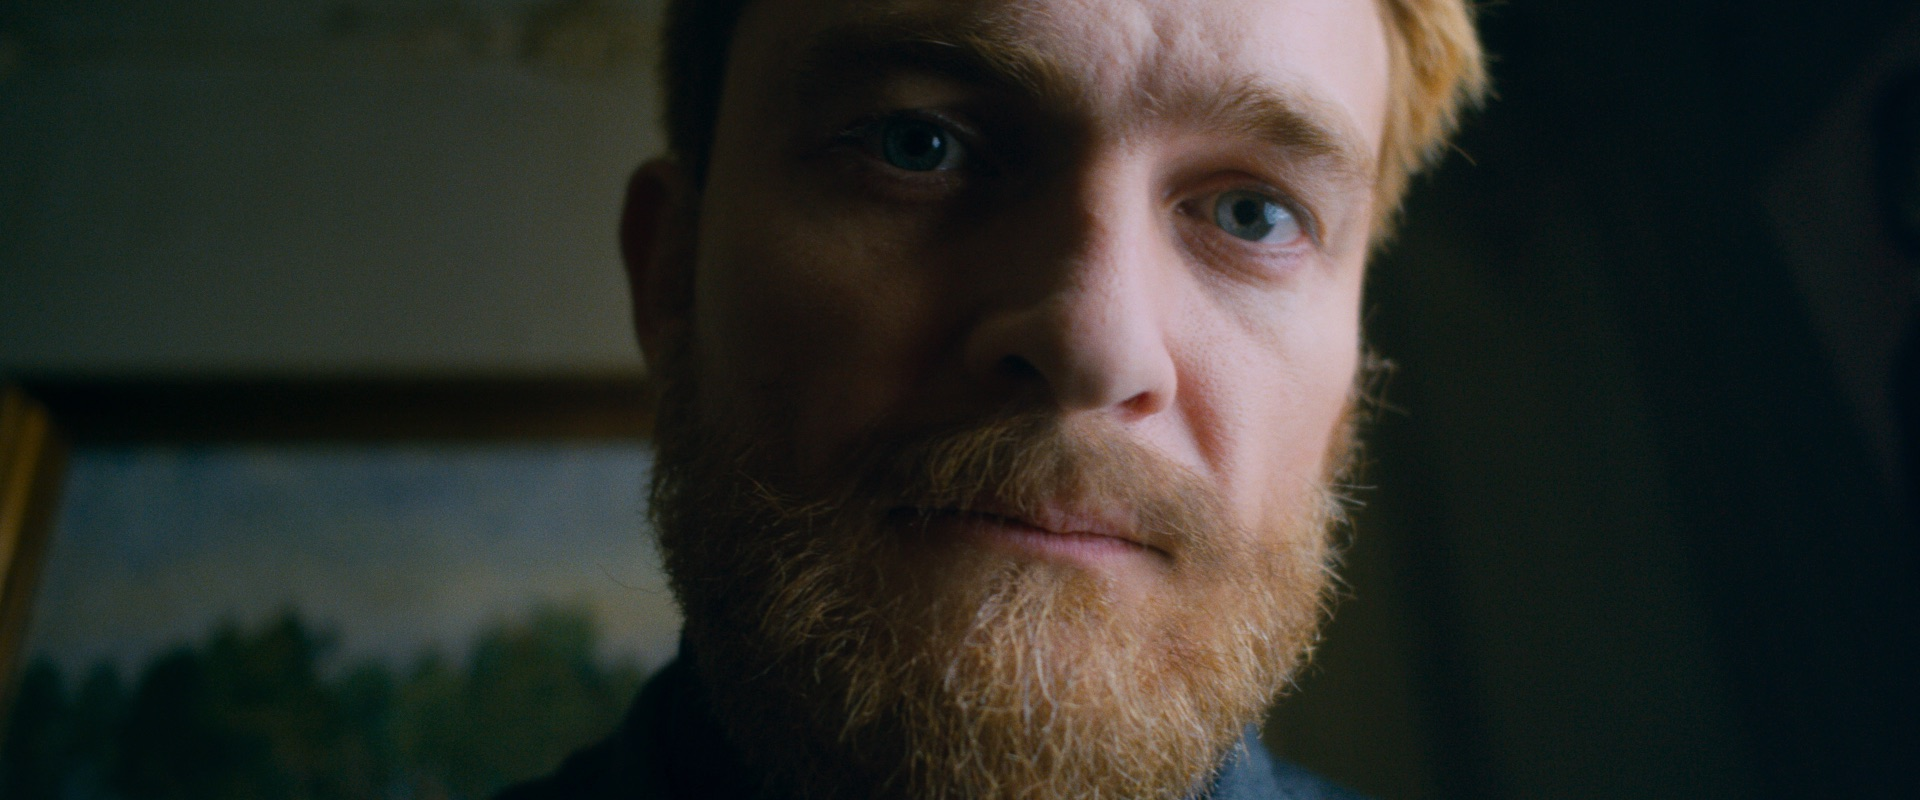 Van Gogh film 2019